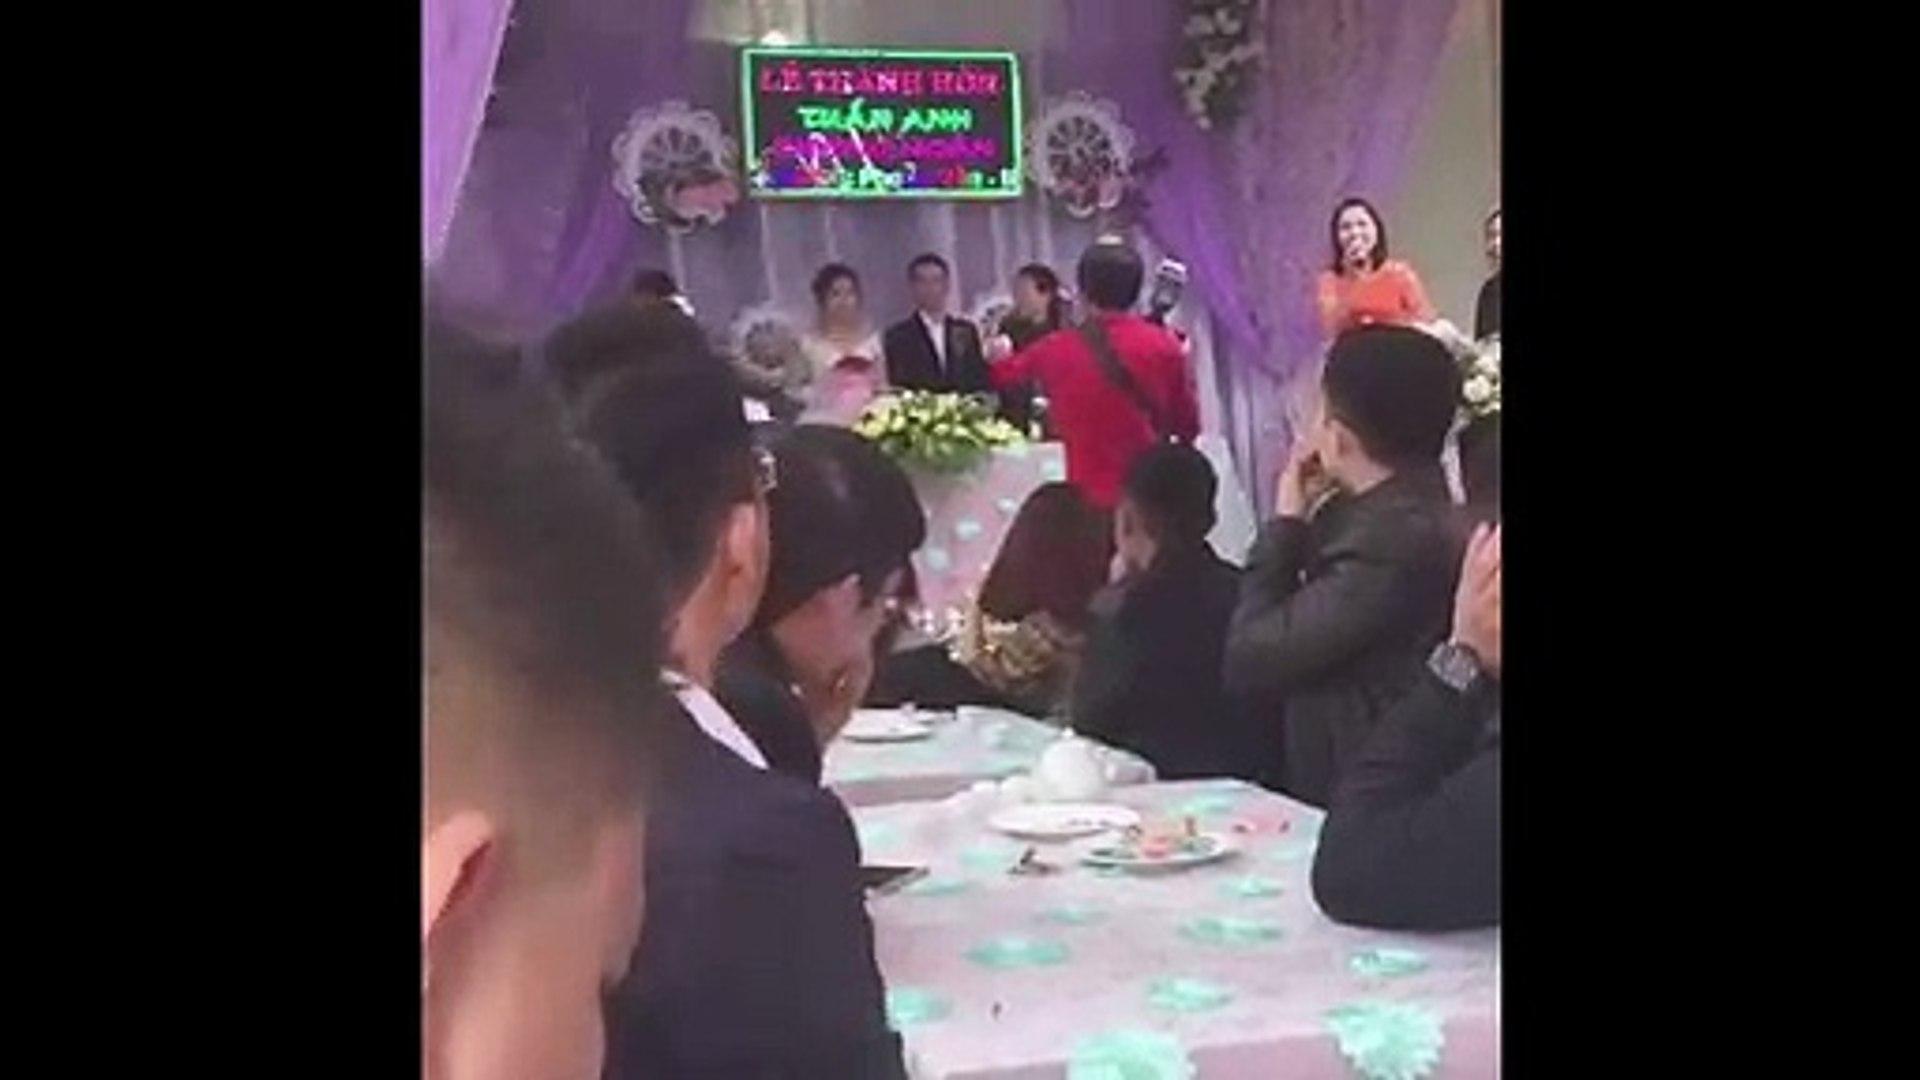 đám cưới bật nhạc xổ số